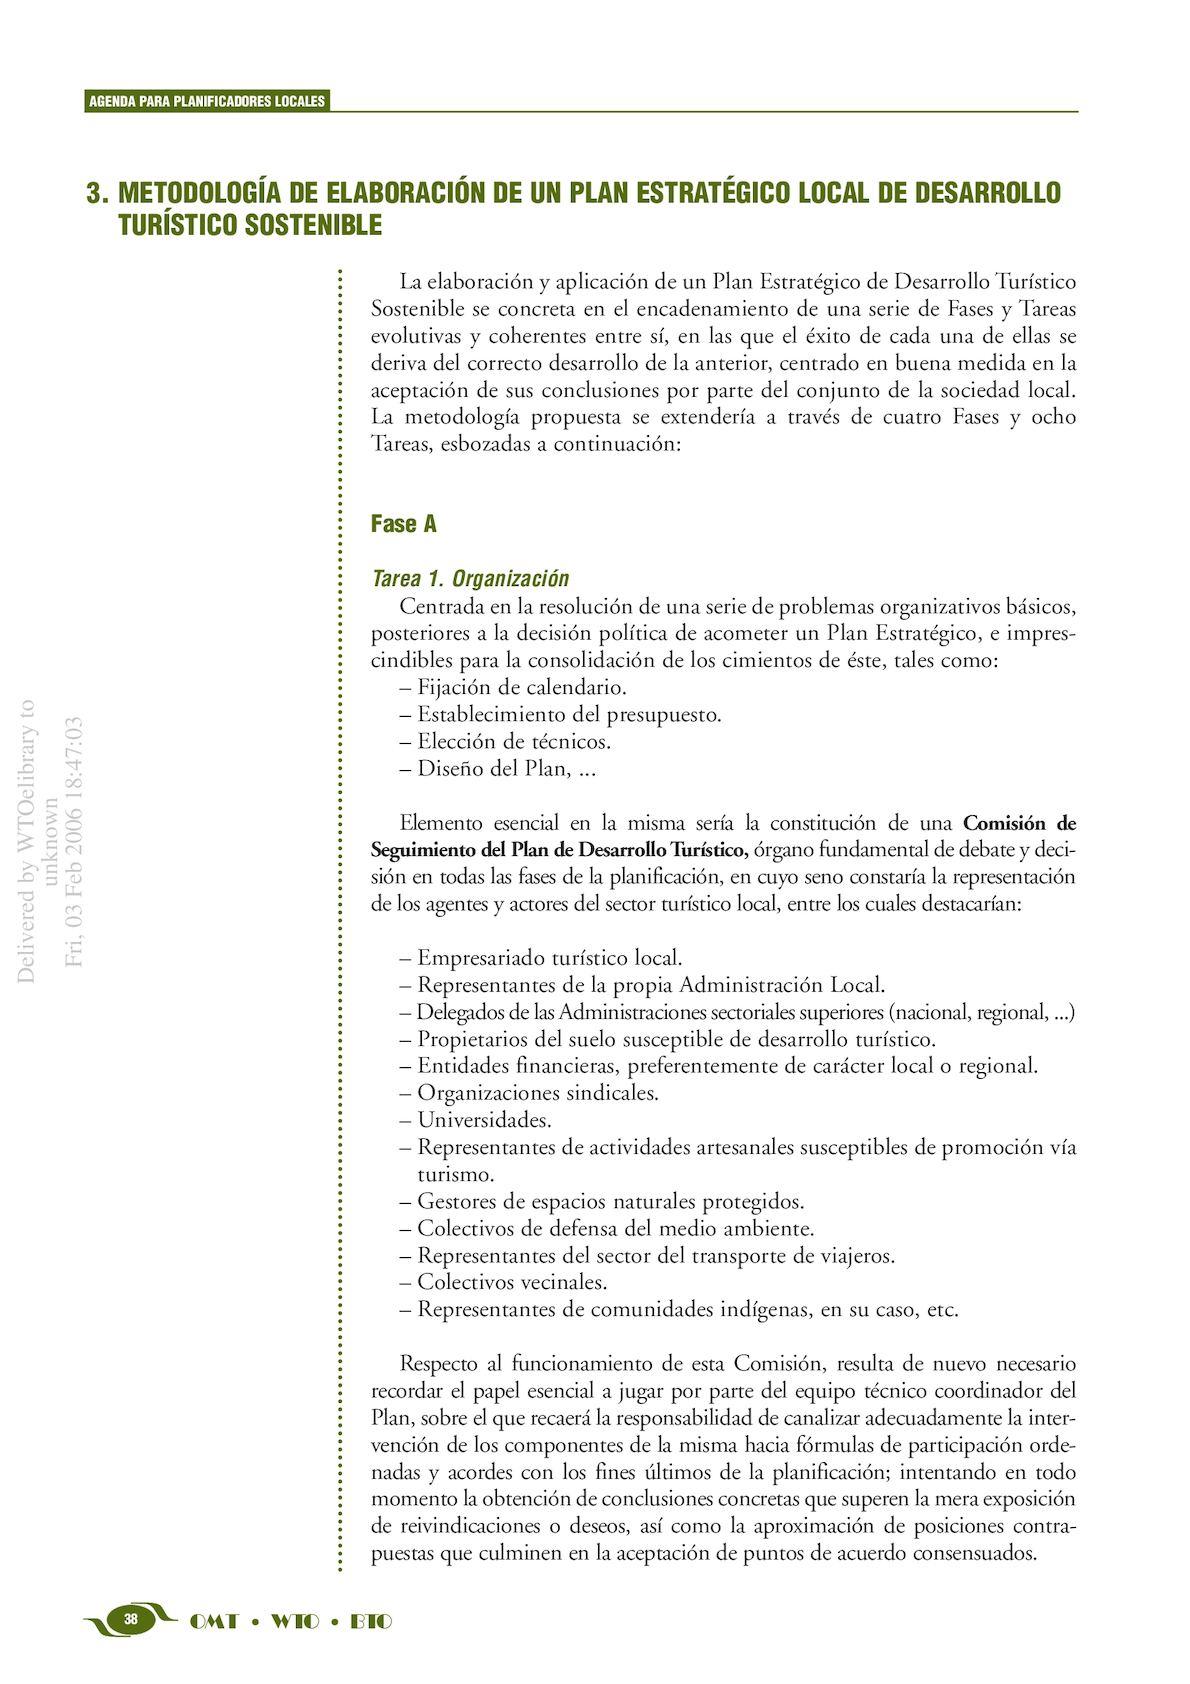 Calendario Serie A Download.Agendaparaplanificadoreslocales Calameo Downloader